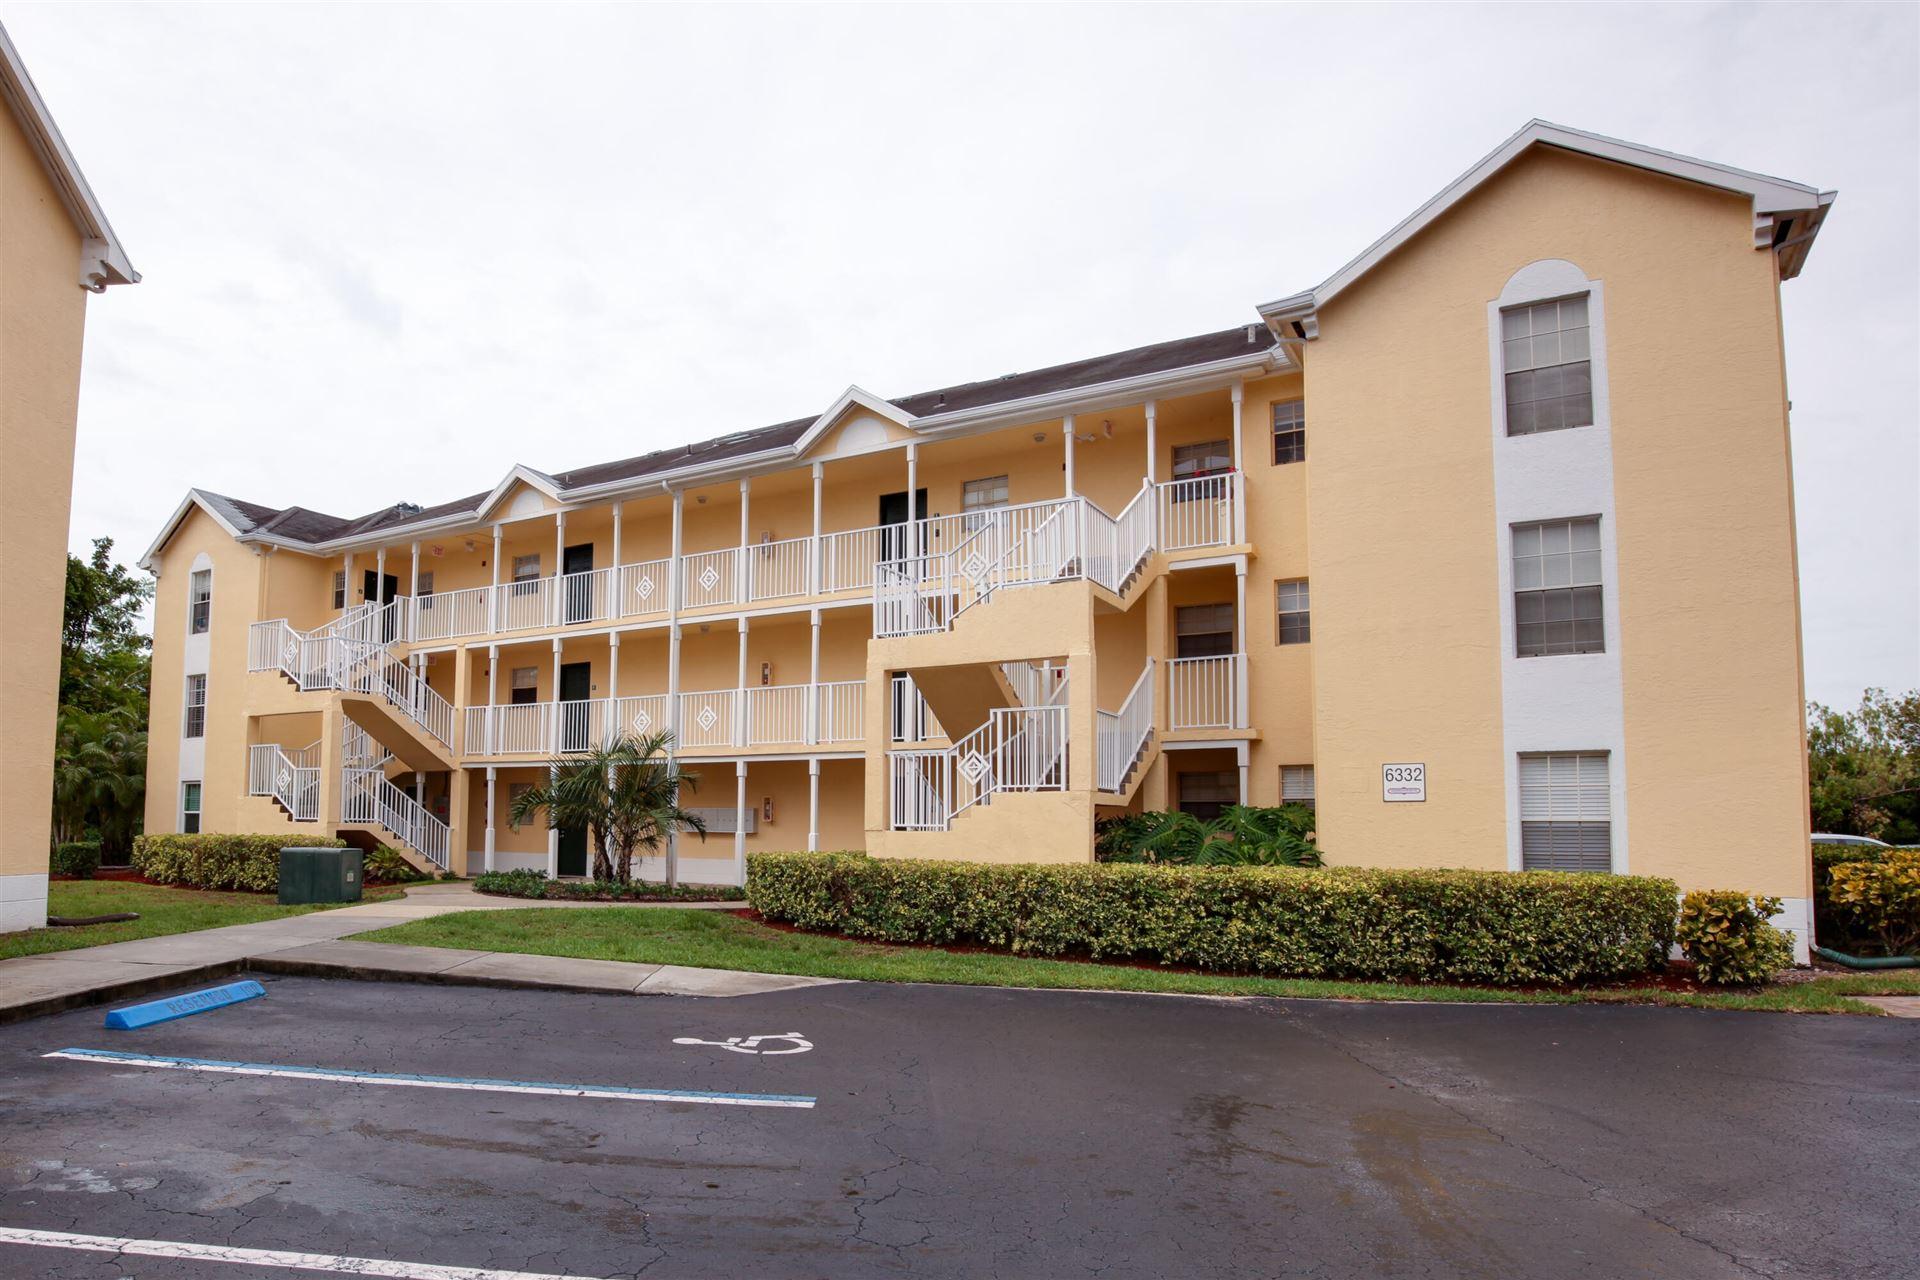 6332 La Costa Drive #E, Boca Raton, FL 33433 - #: RX-10724918